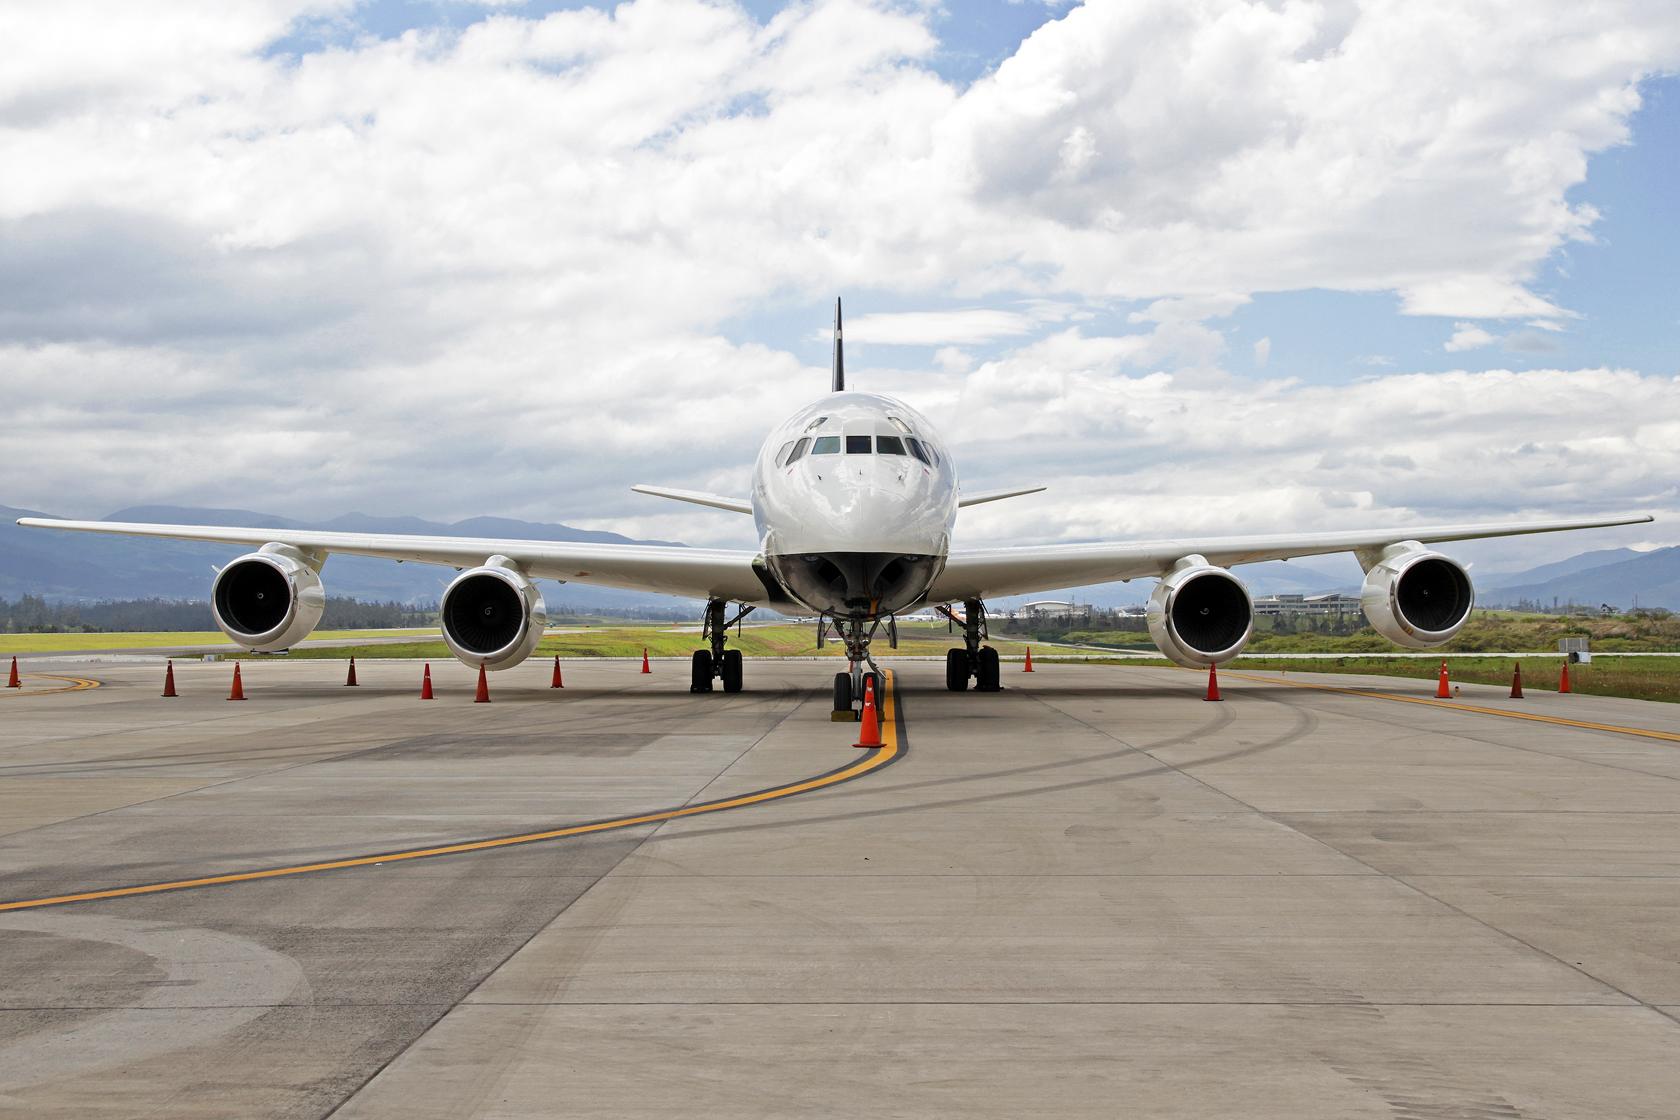 Samaritan's Purse McDonnell Douglas DC-8-72(CF) N782SP - Das Top-Highlight des Tages! In makellosem Zustand präsentierte sich diese klassische Schönheit vor unseren Kameras. Als Line Number 427 wurde sie am 27. Januar 1969 als OH-LFT an die Finnair abgeli